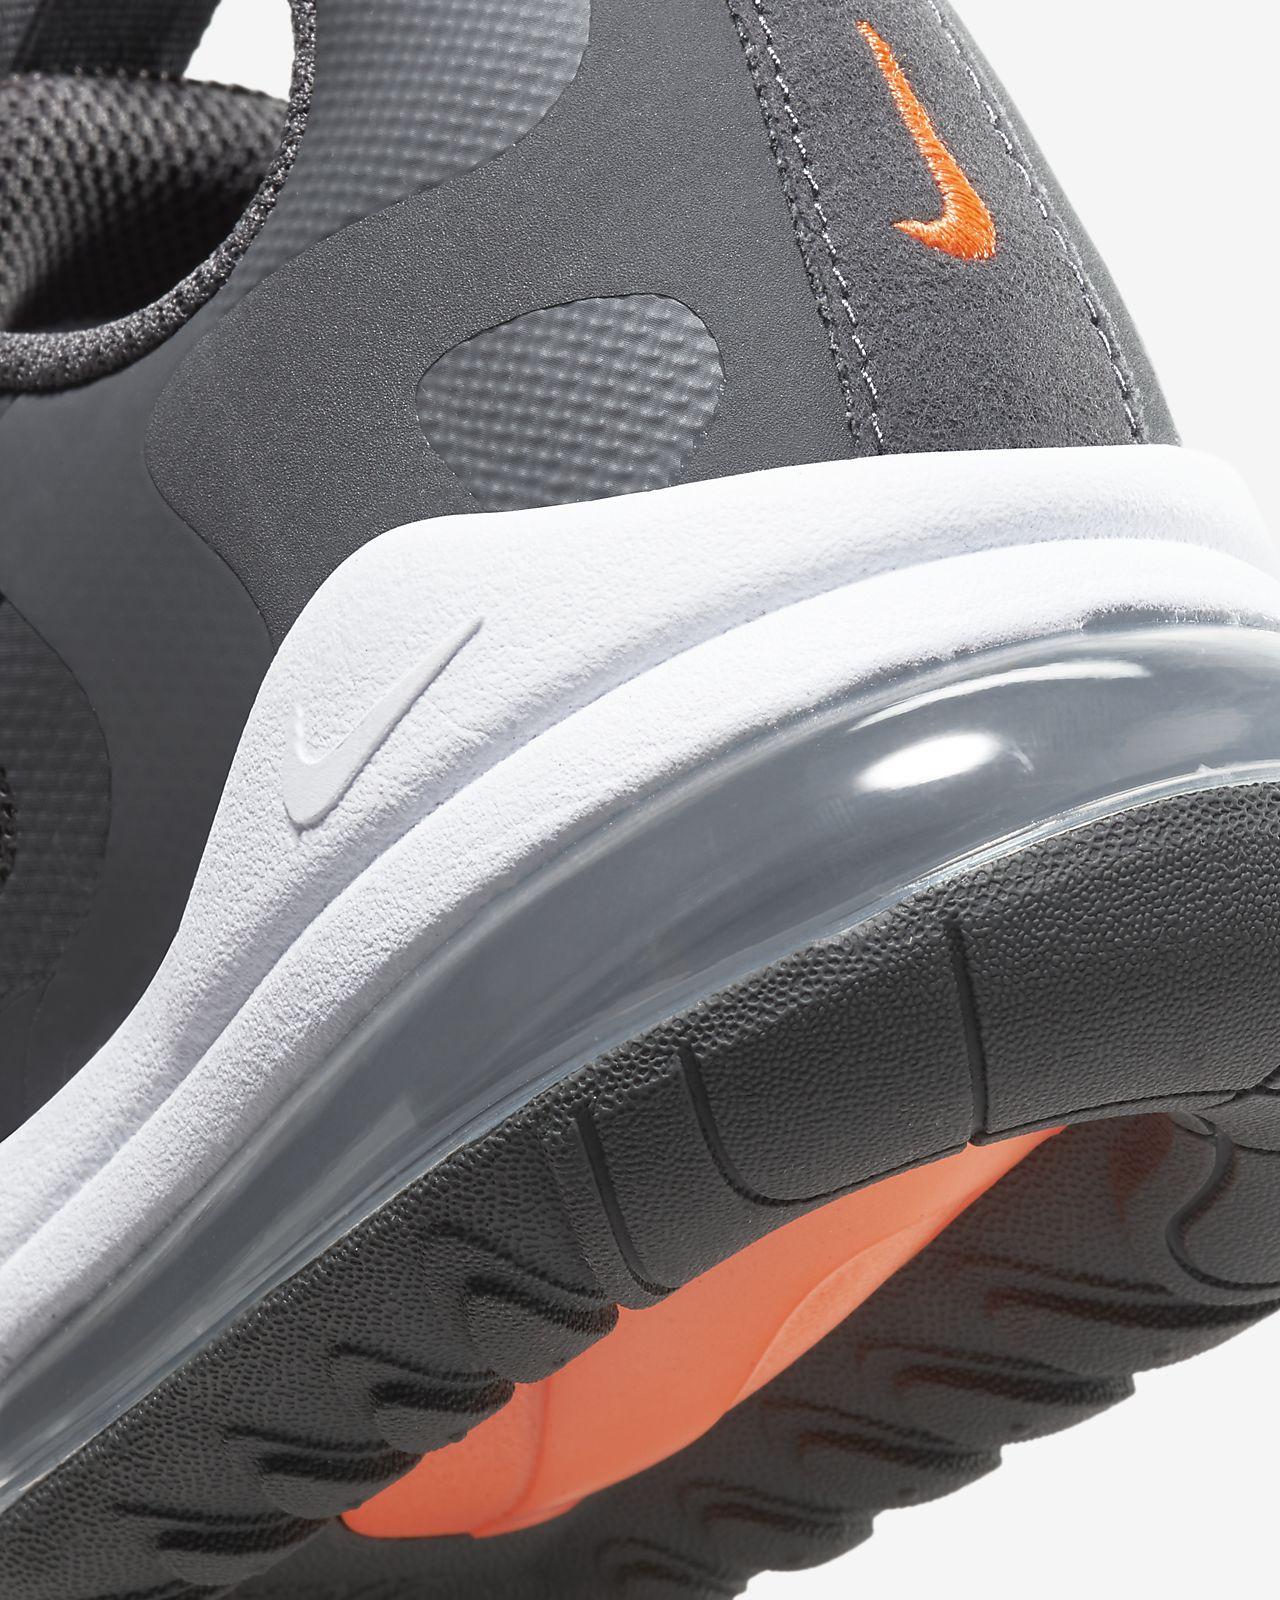 Nike Wmns Air Revolution Sky Hi GS Chaussure Nike Montante Pas Cher Pour Femme GrisVert 599410 013 1509211922 Officiel Nike Site! Chaussures Tn